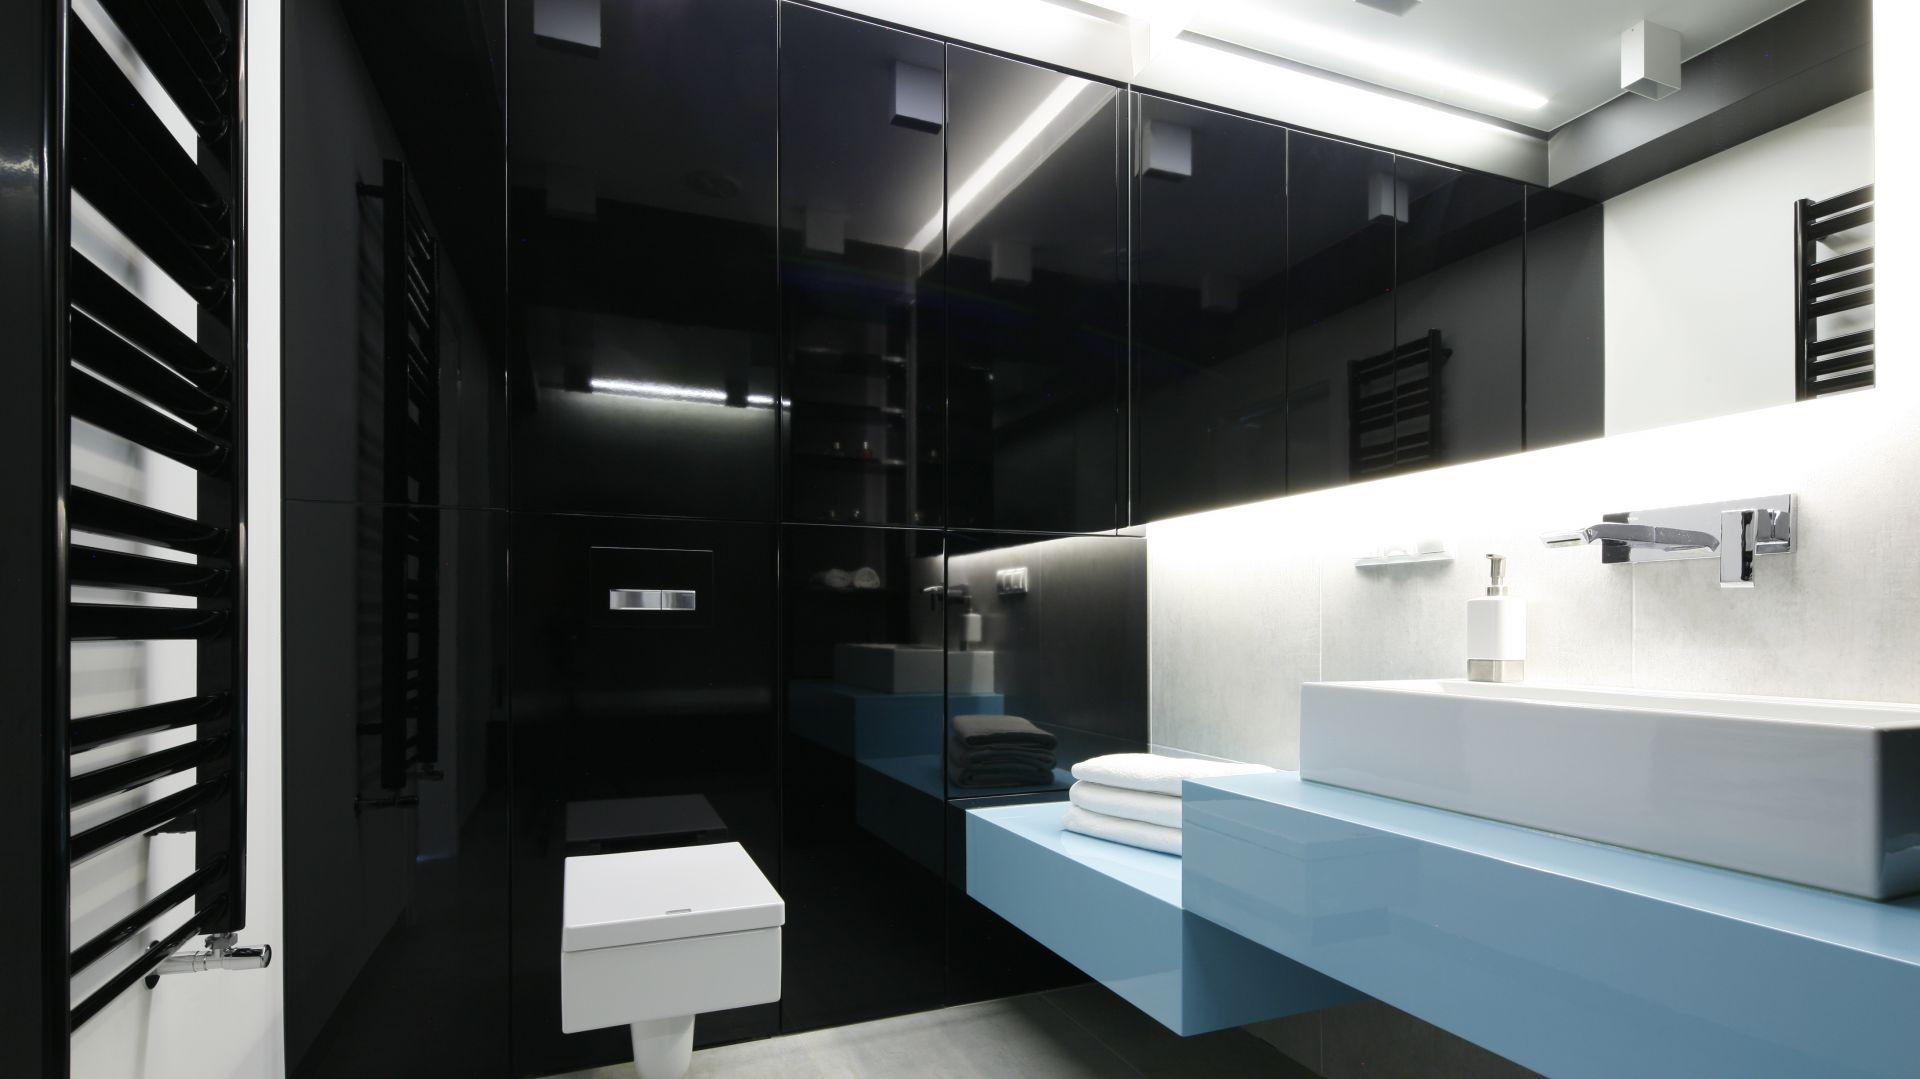 Sposób na przechowywanie w łazience: szafki pod sam sufit. Proj. Ewelina Pik, Maria Biegańska. Fot. Bartosz Jarosz